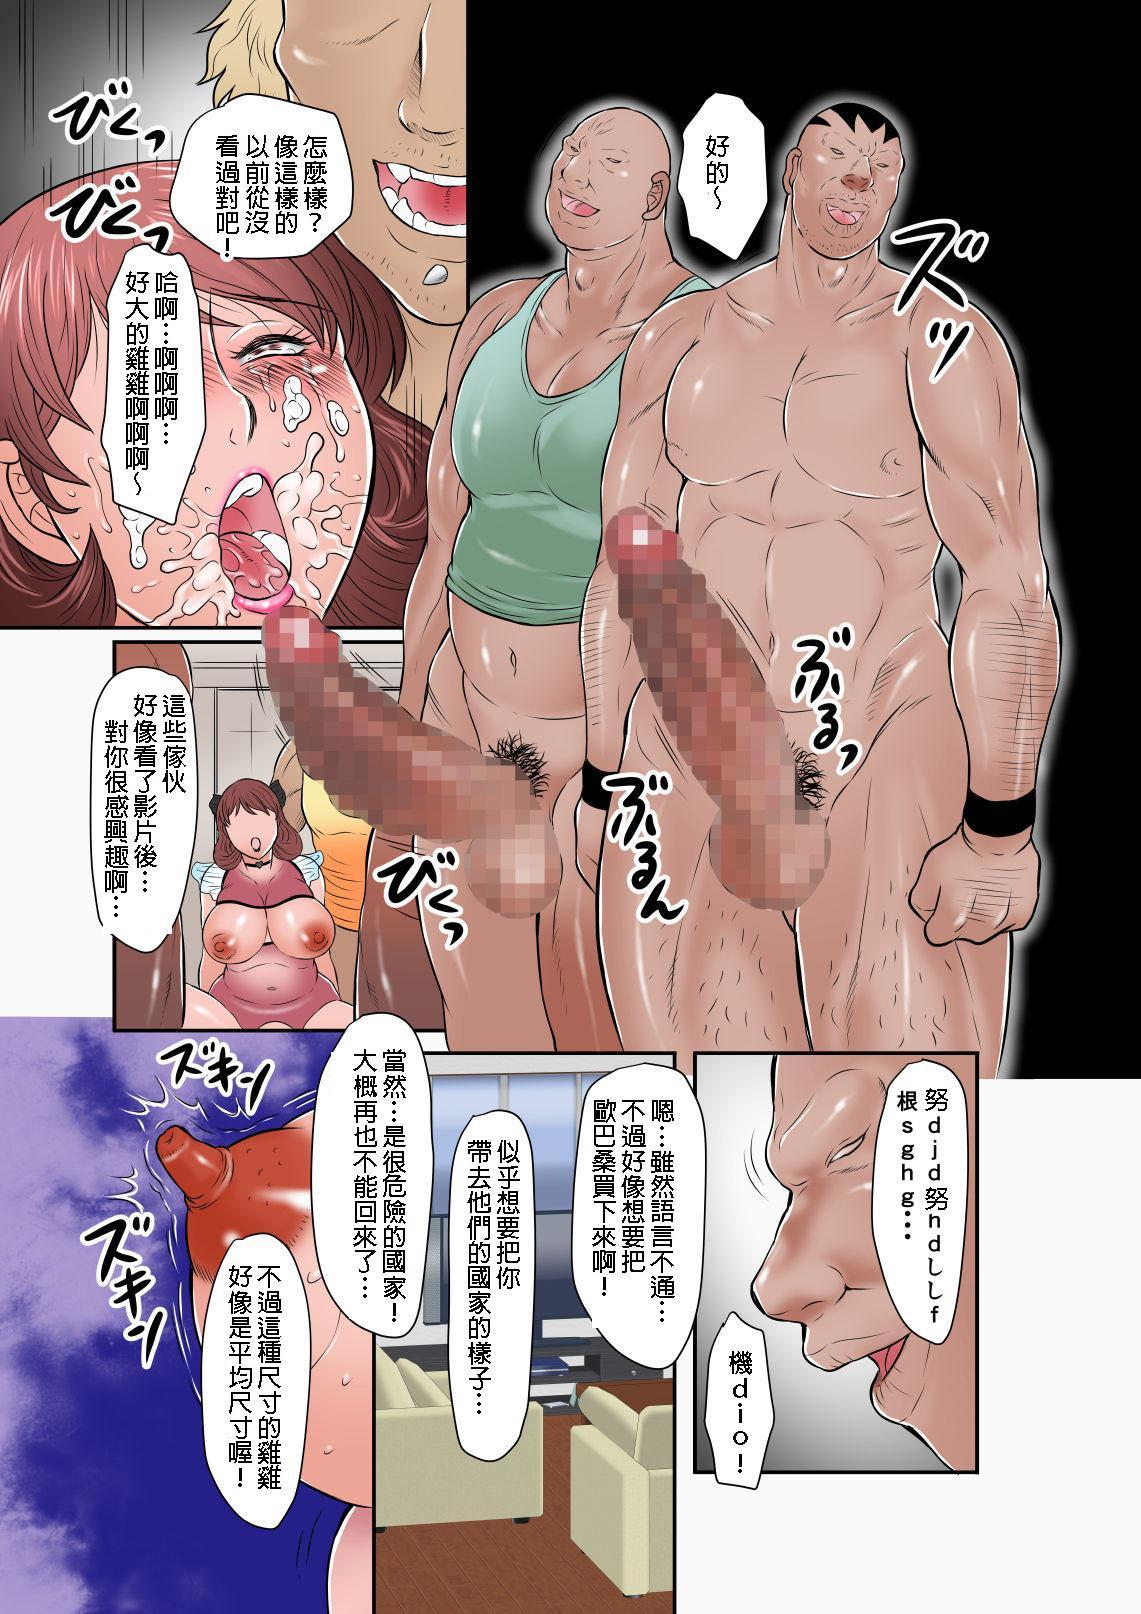 [Fuusen Club] Inka no Shizuku - Nikubenki Sayako 35-sai Sono San   淫花的綻放 [Chinese] [Digital] 32